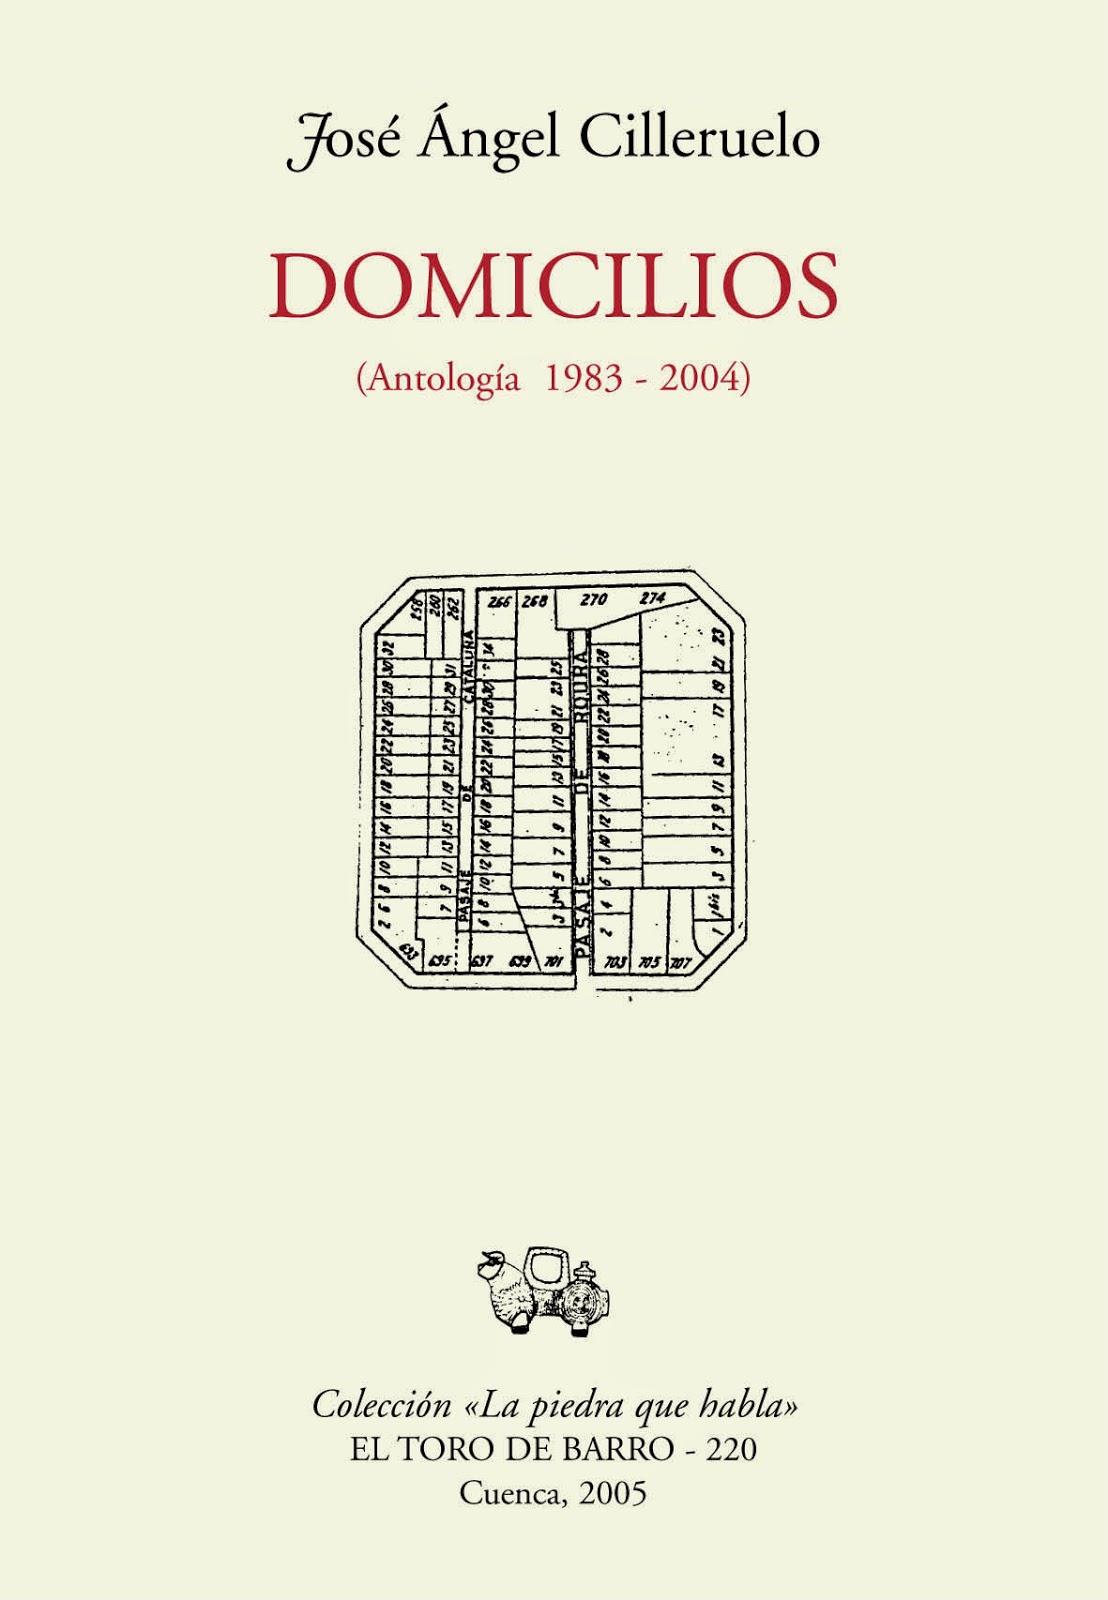 """José Ángel Cilleruelo, """"Domicilios (Antología 1983-2004), col. La piedra que habla, Ed. El Toro de Barro, Tarancón de Cuenca 2005"""